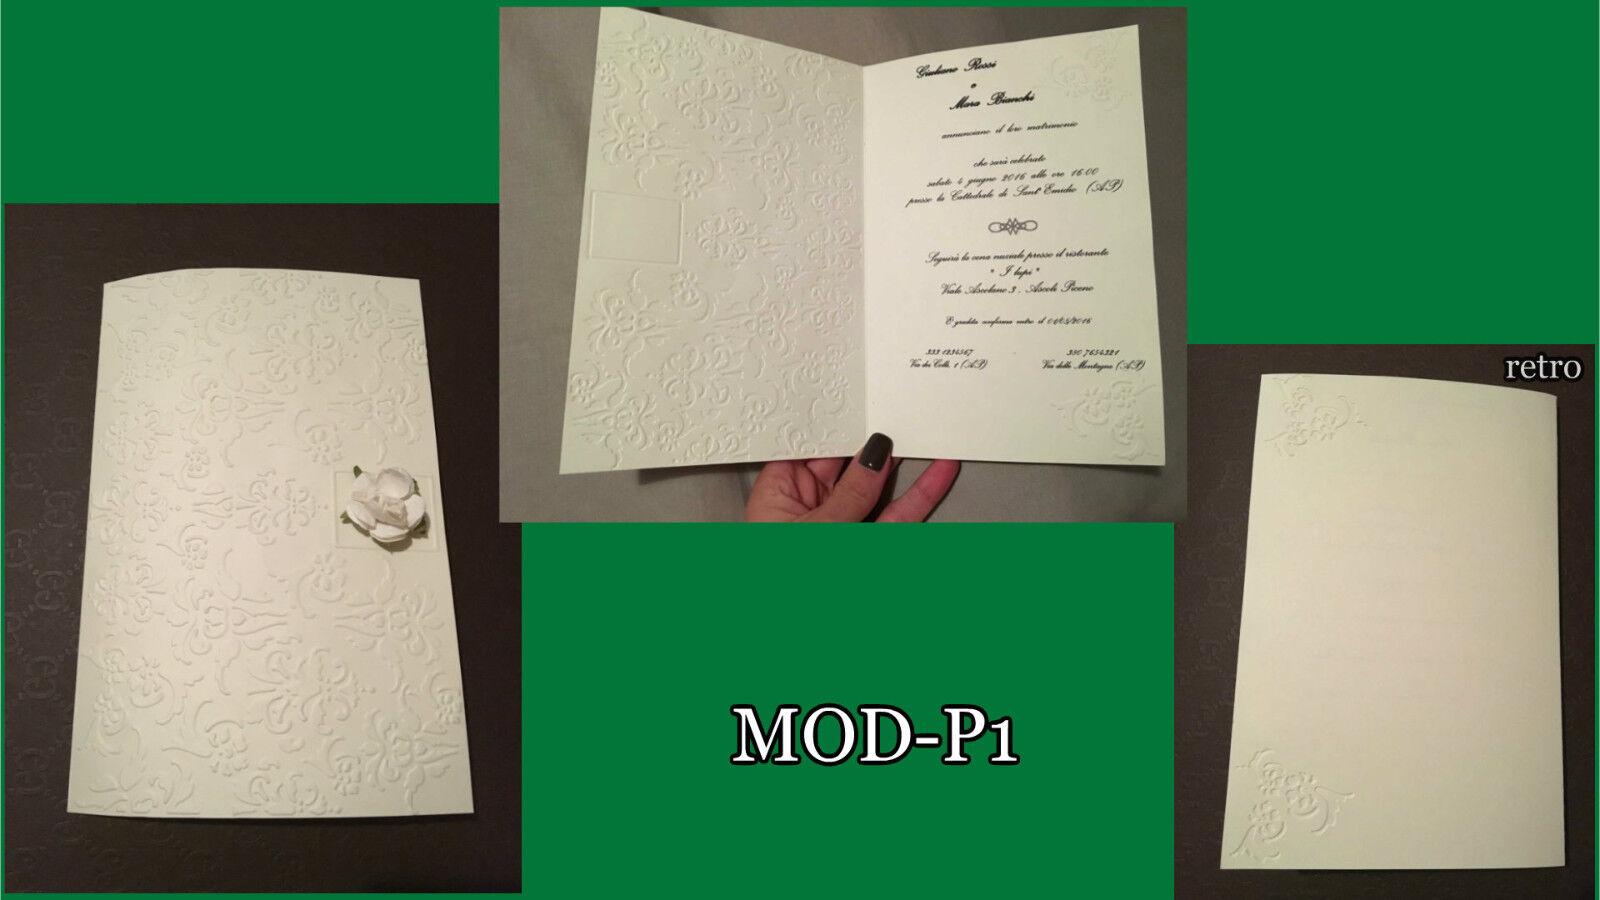 Partecipazioni Matrimonio inviti Nozze, fatte a mano, MOD-P1, eleganti raffinate